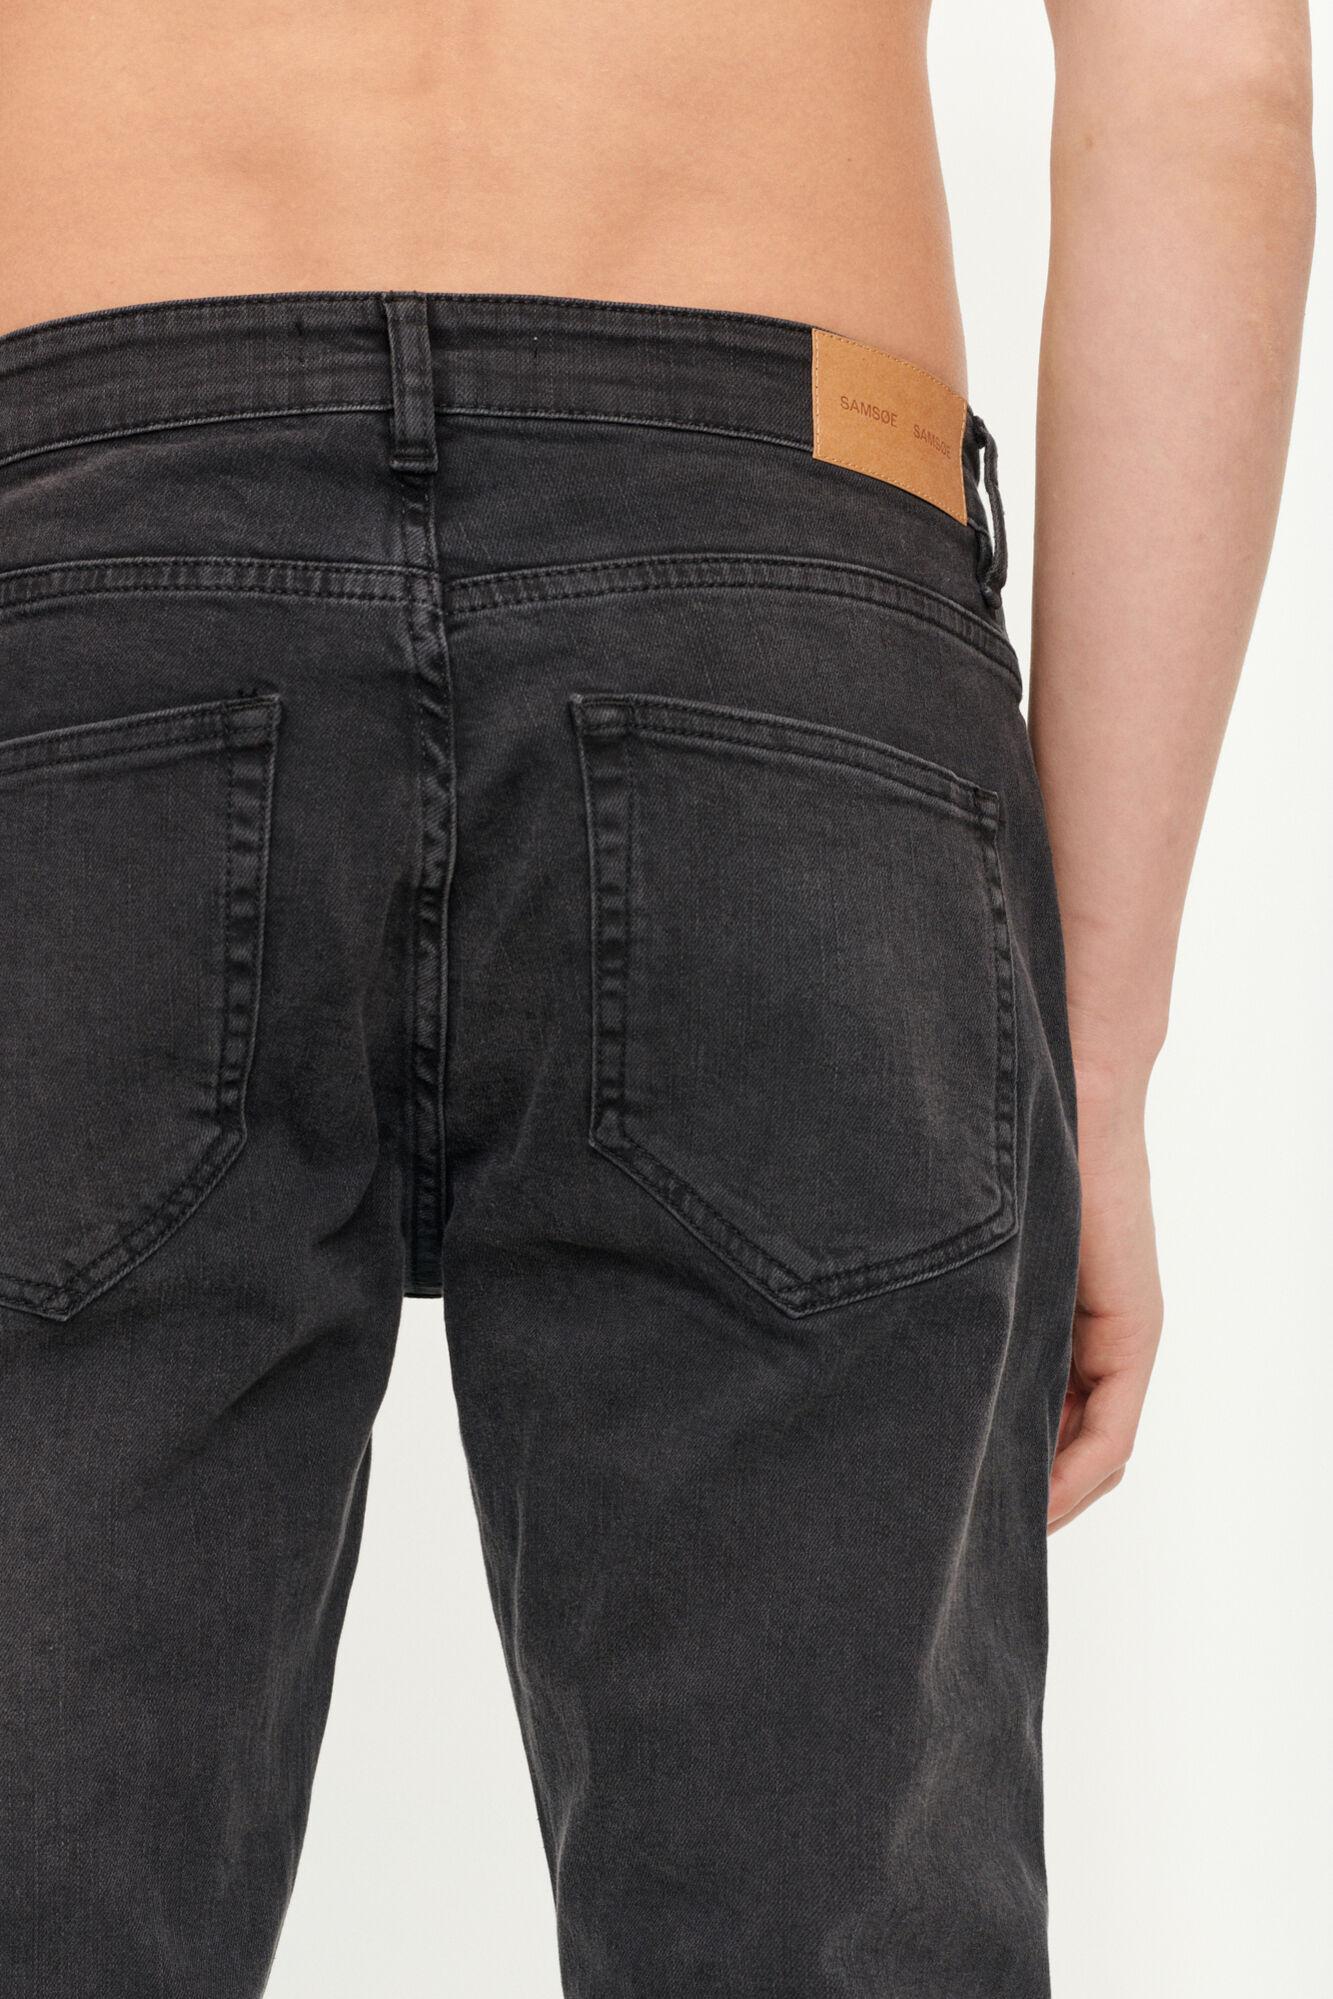 Stefan jeans 5891